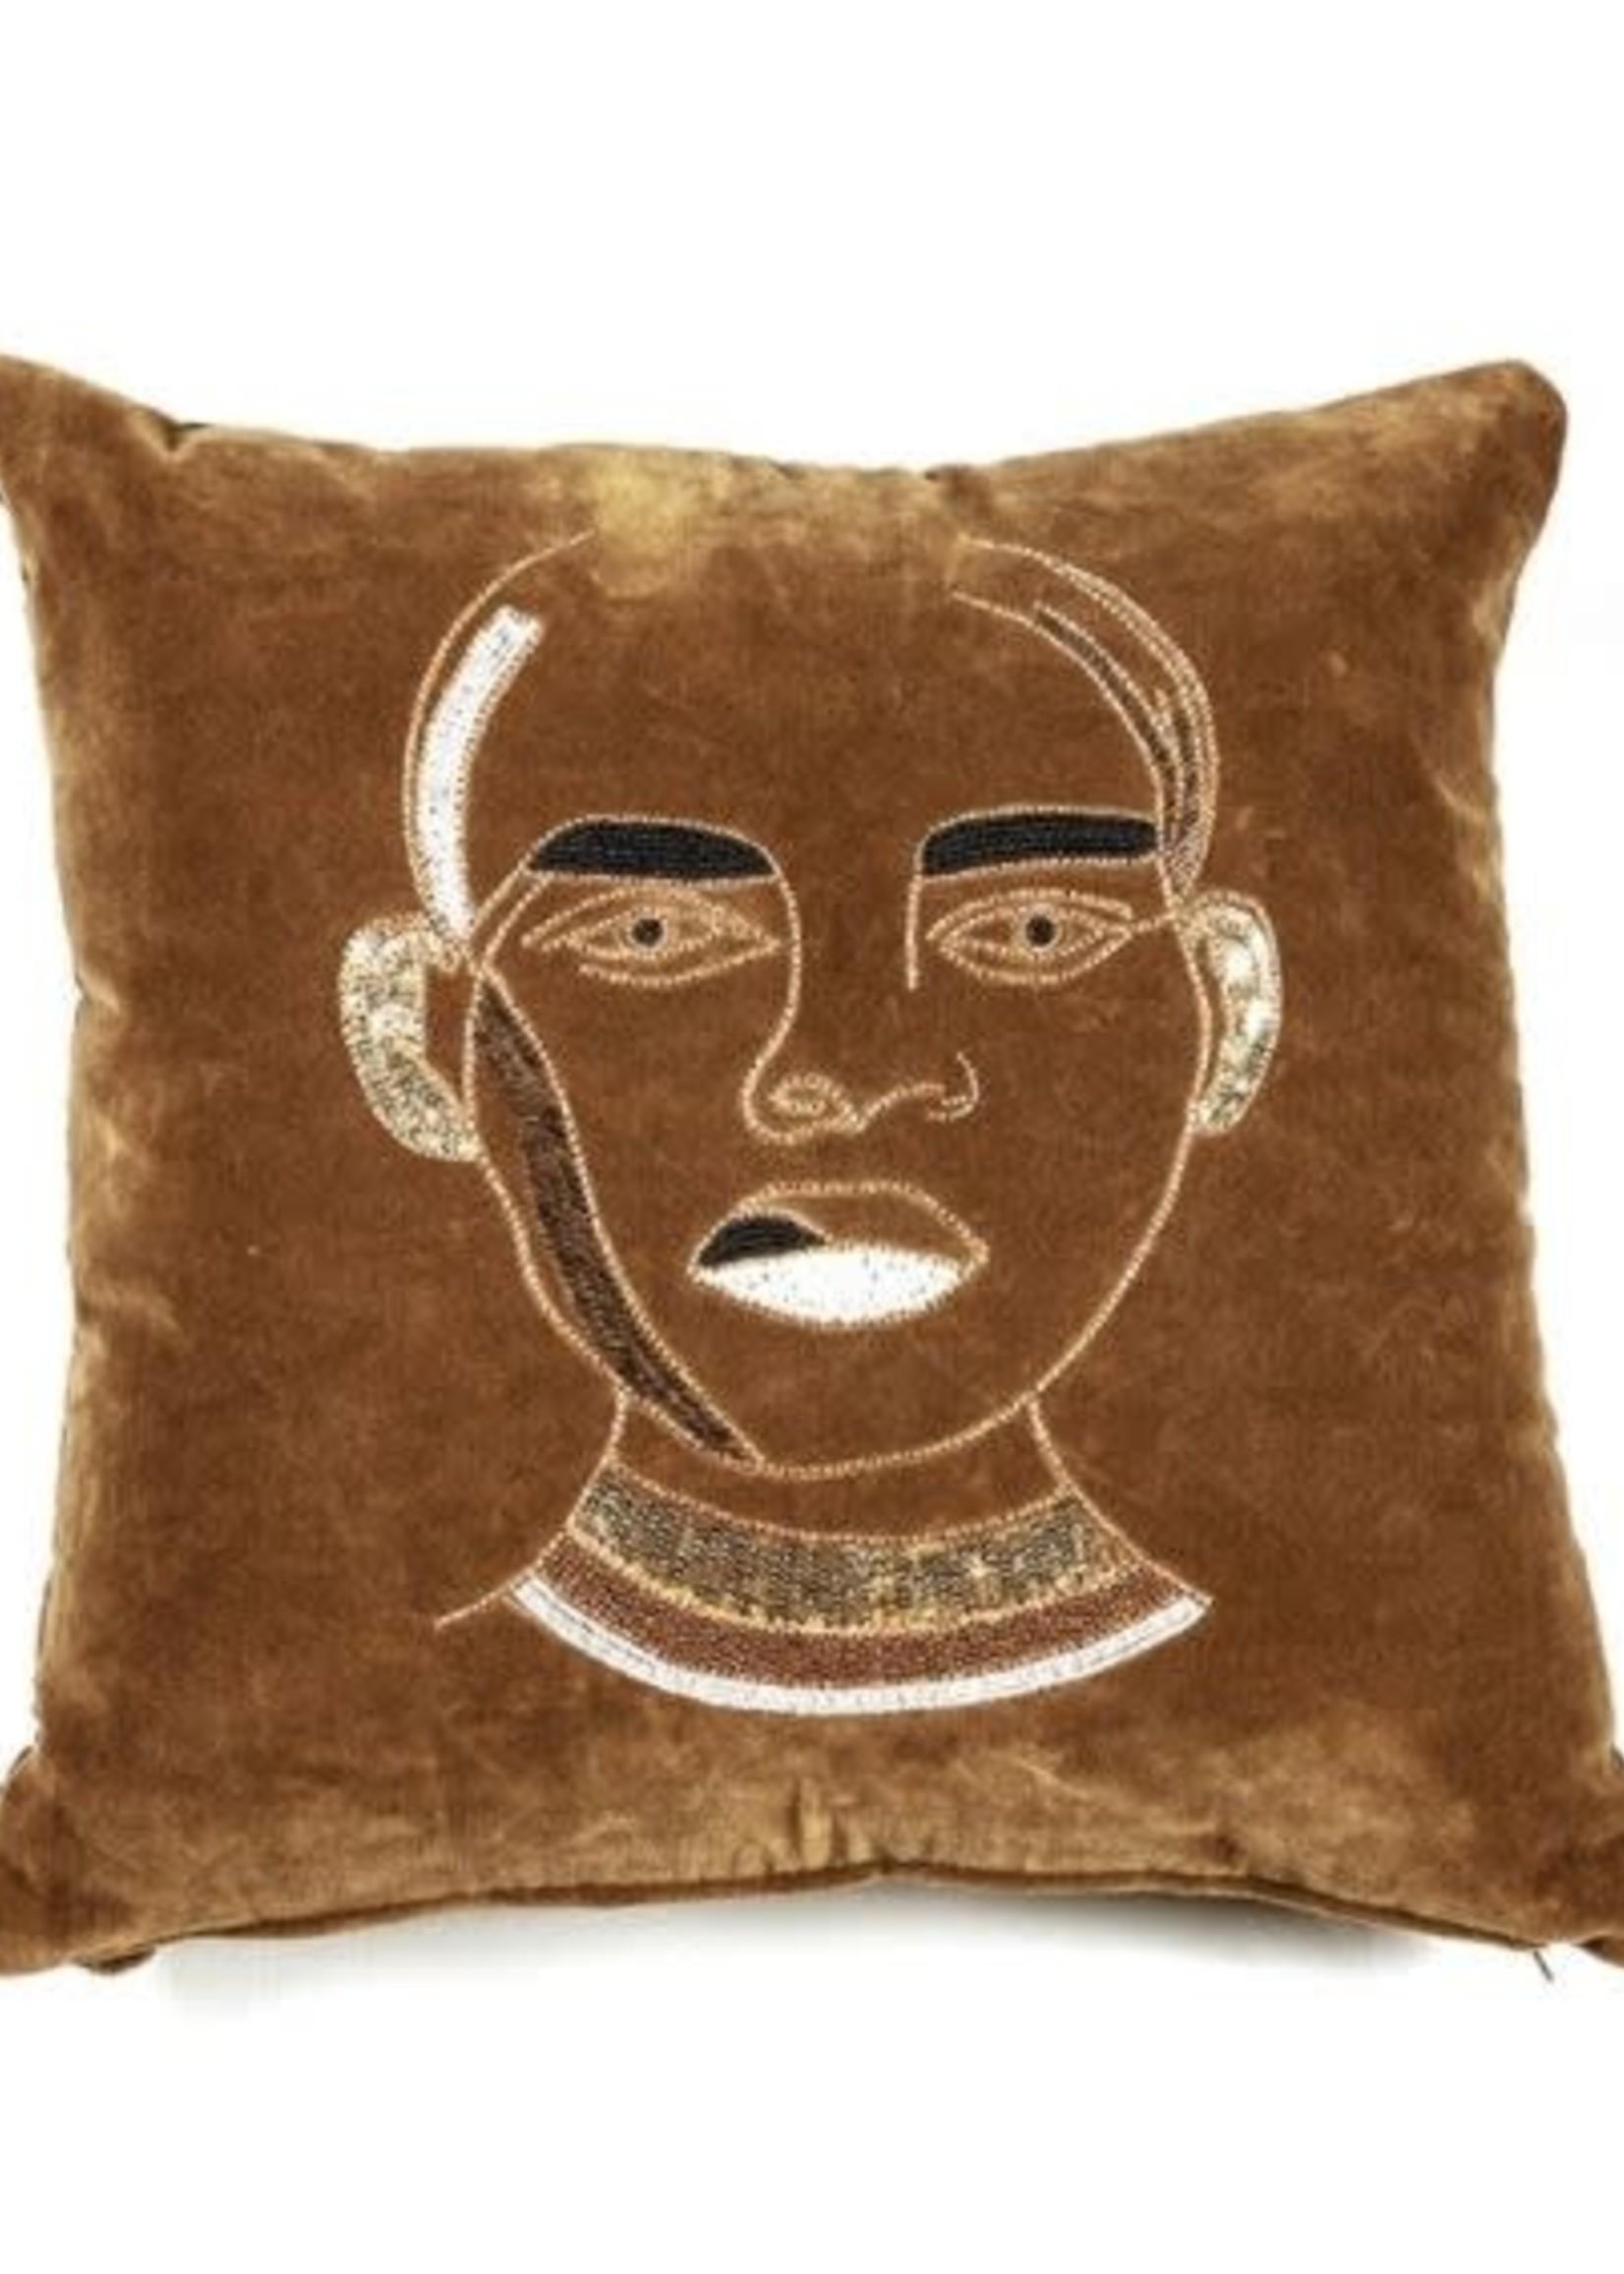 By Boo Dax Rust cushion 50x50cm